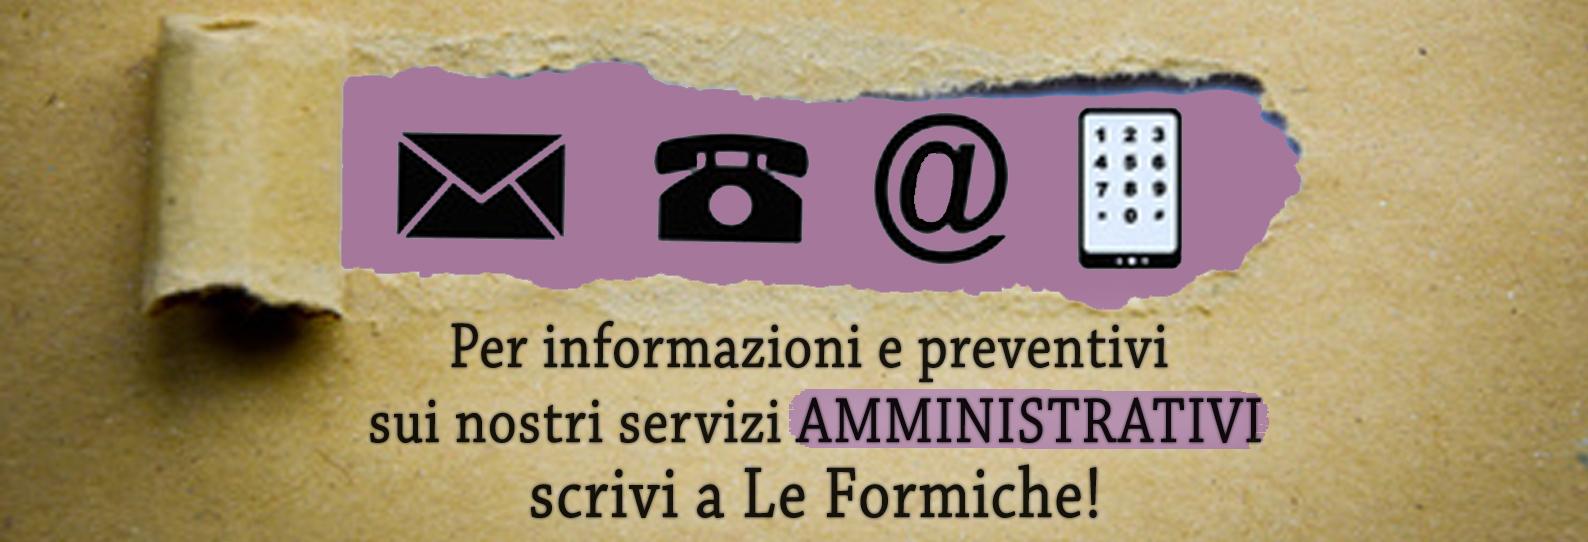 LeFormiche_sito pll_banner_amministrazione